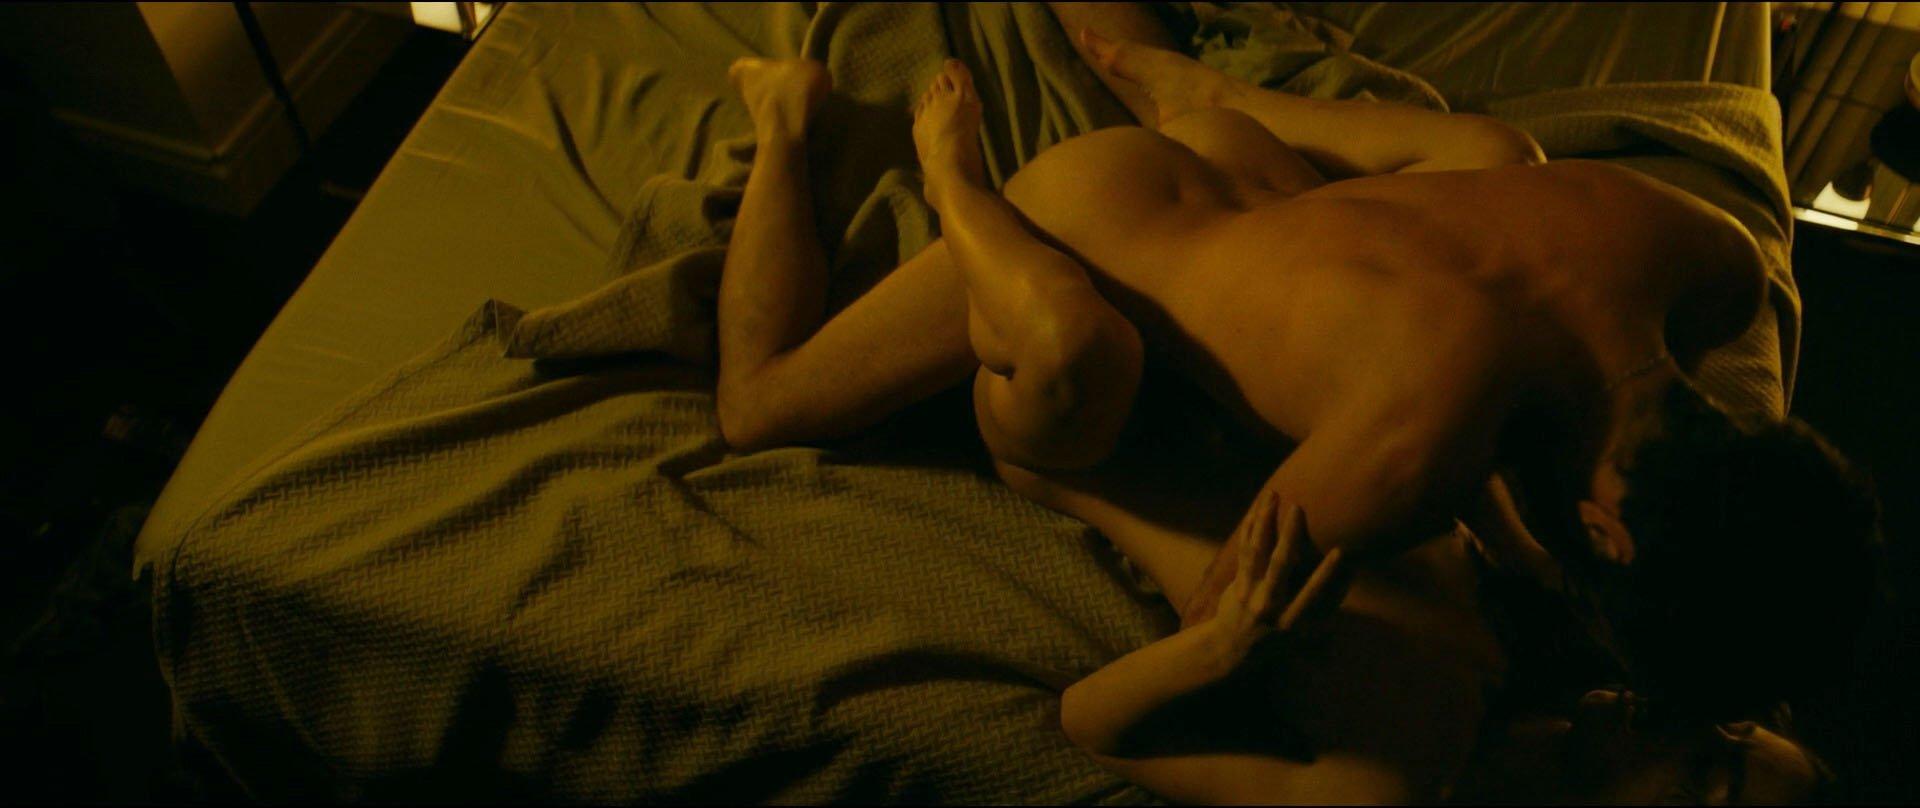 A lesbian movie part 2 8